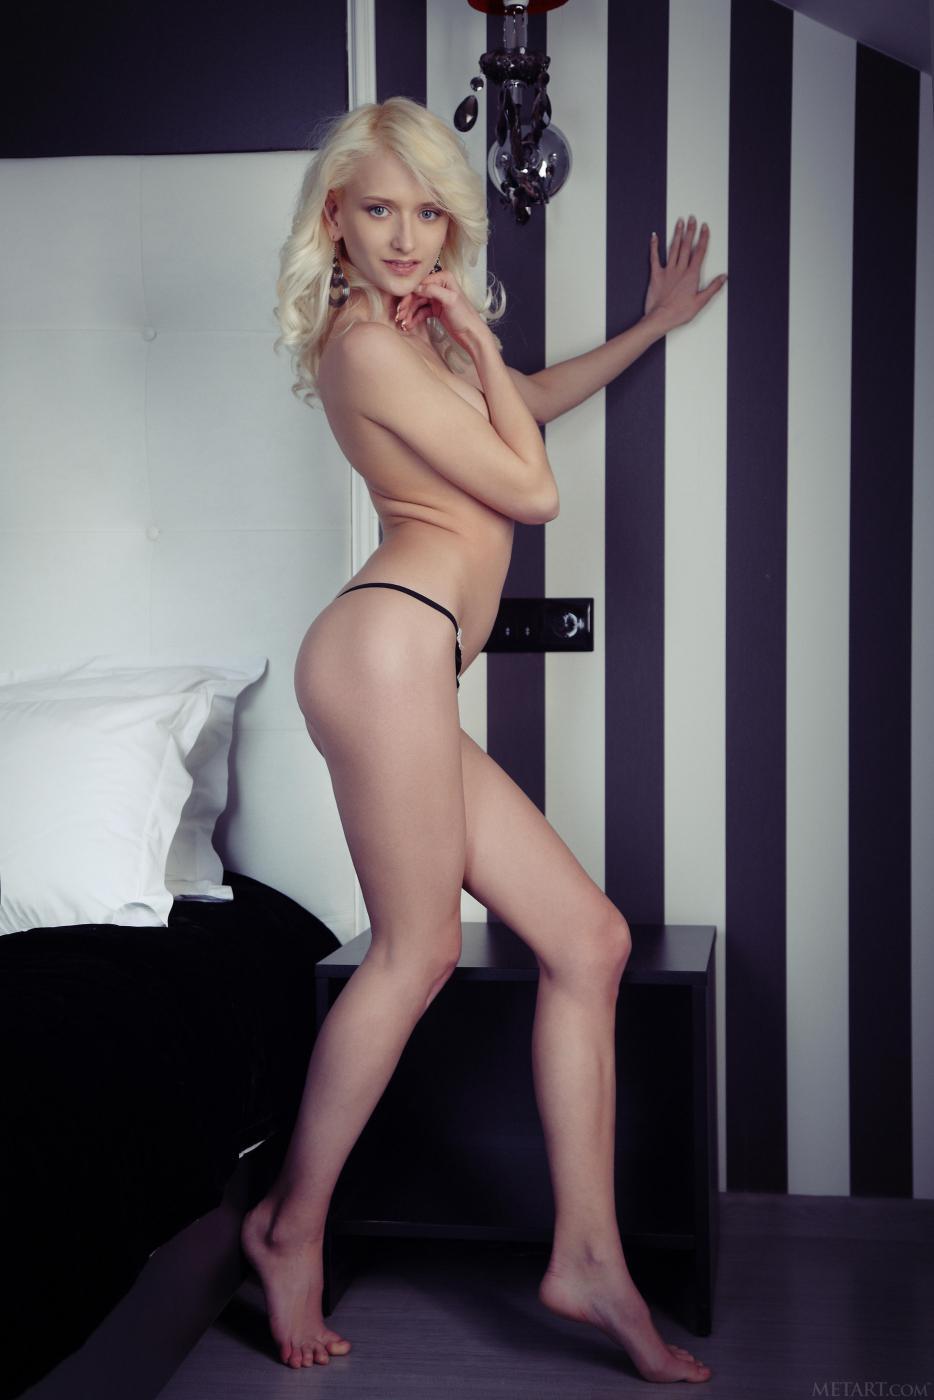 Хорошенькая грациозная блондиночка с длинными ногами - Nika N, стягивает нижнее белье и фоткается голой